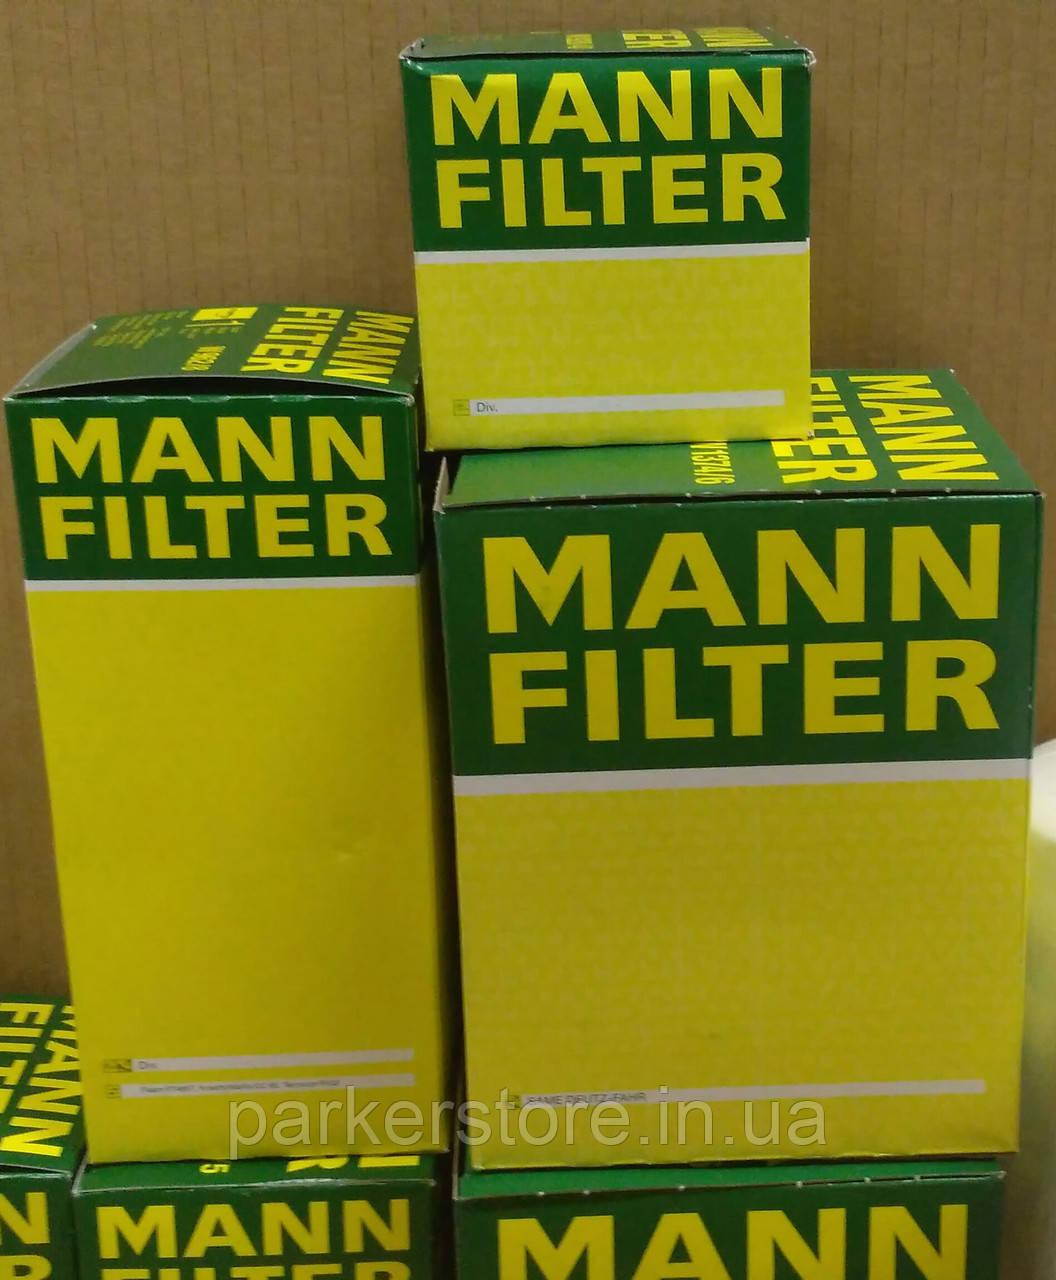 MANN FILTER / Повітряний фільтр / C 77/7 / C77/7